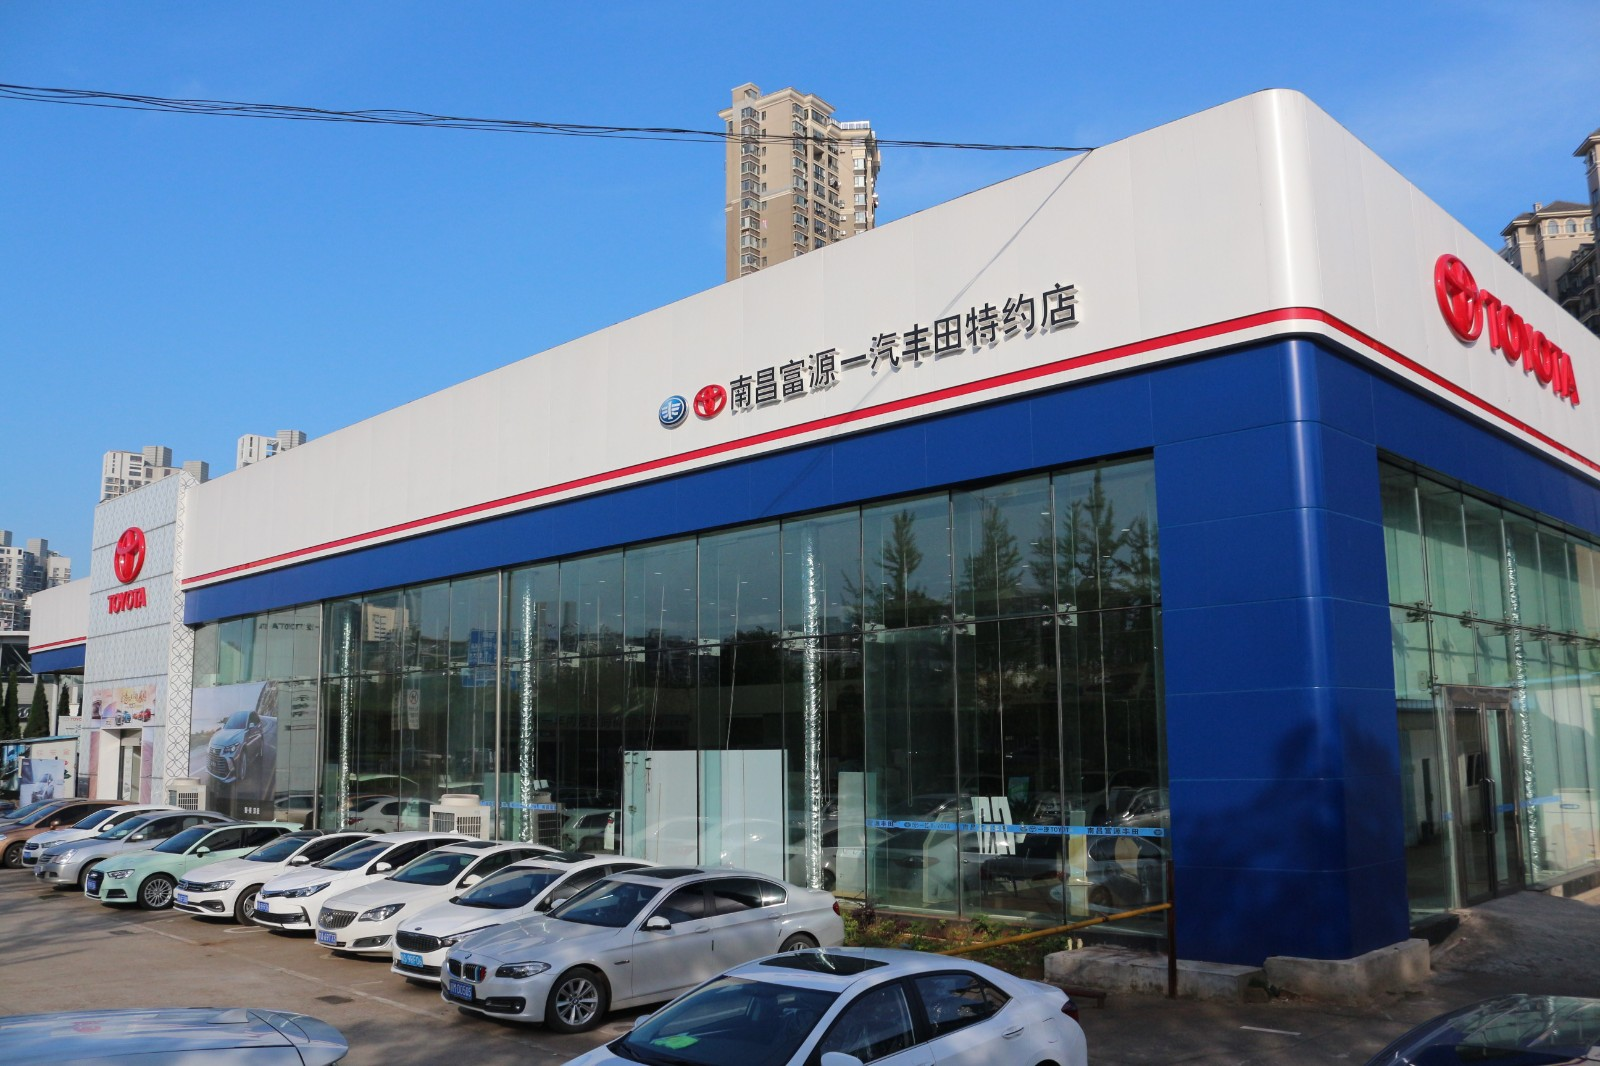 南昌富源丰田汽车销售服务有限公司